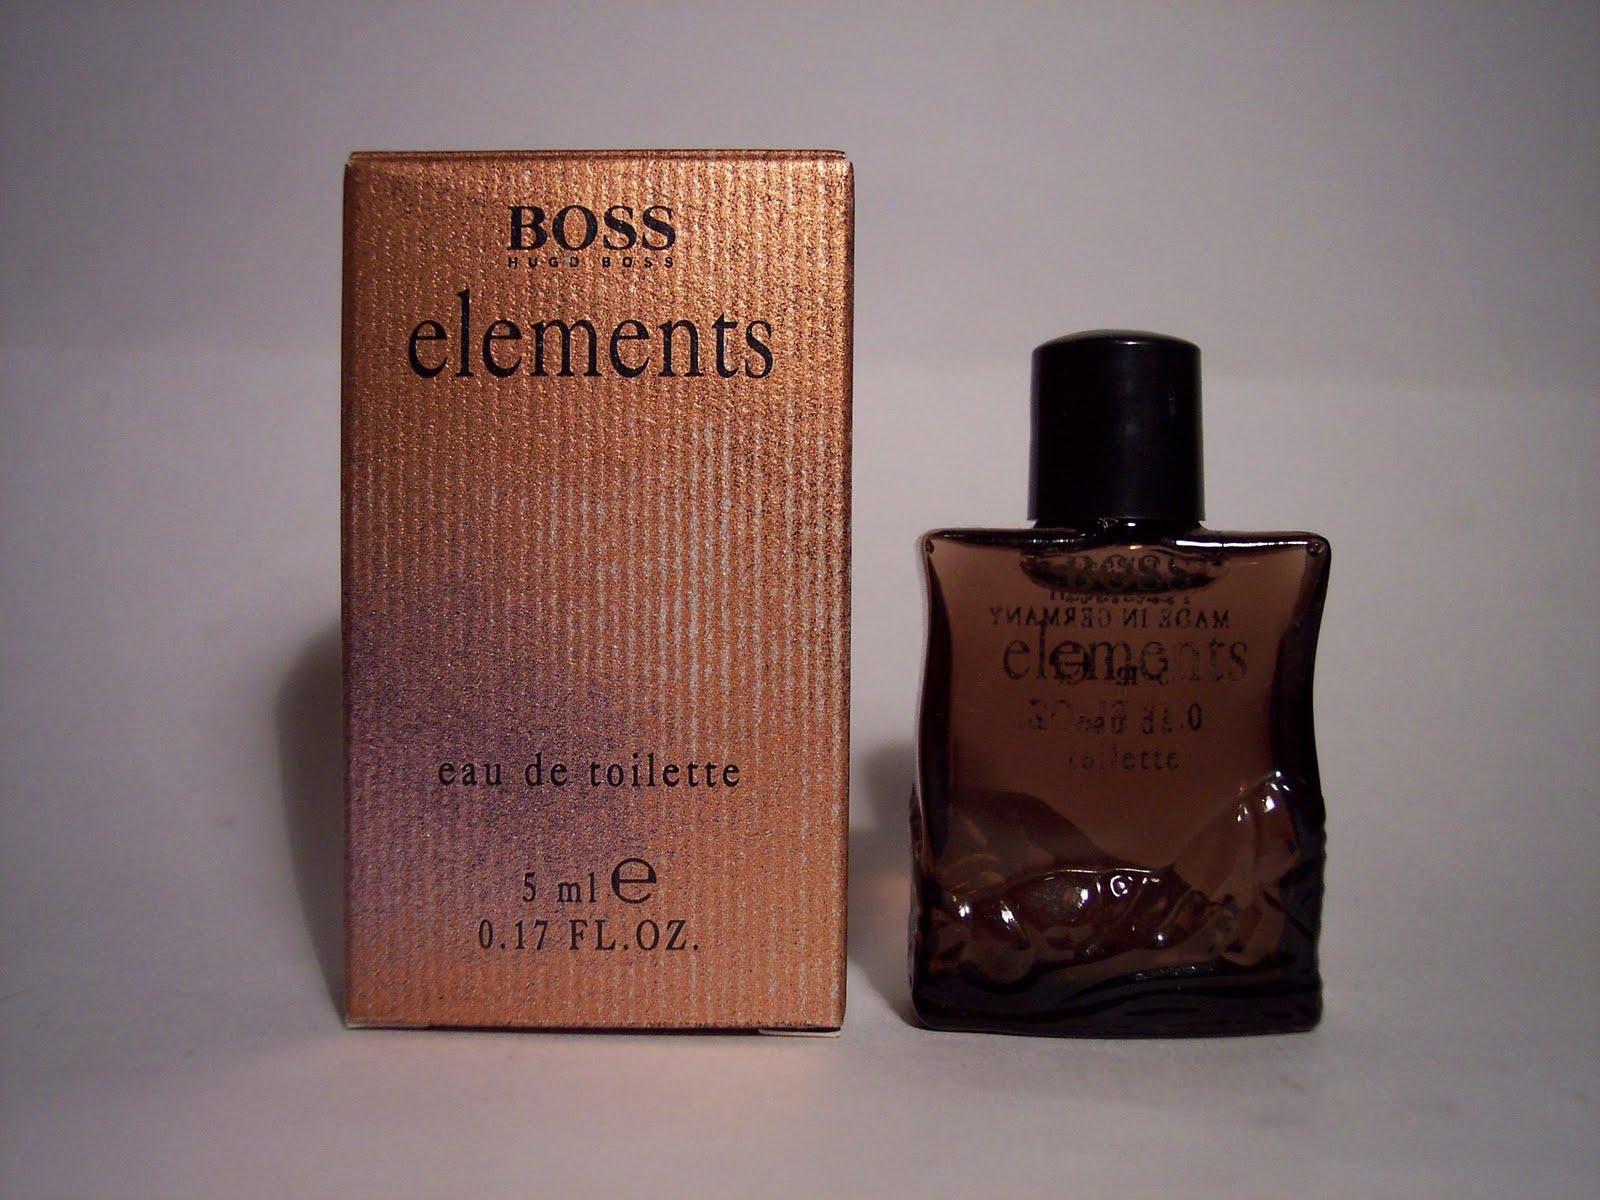 h boss: